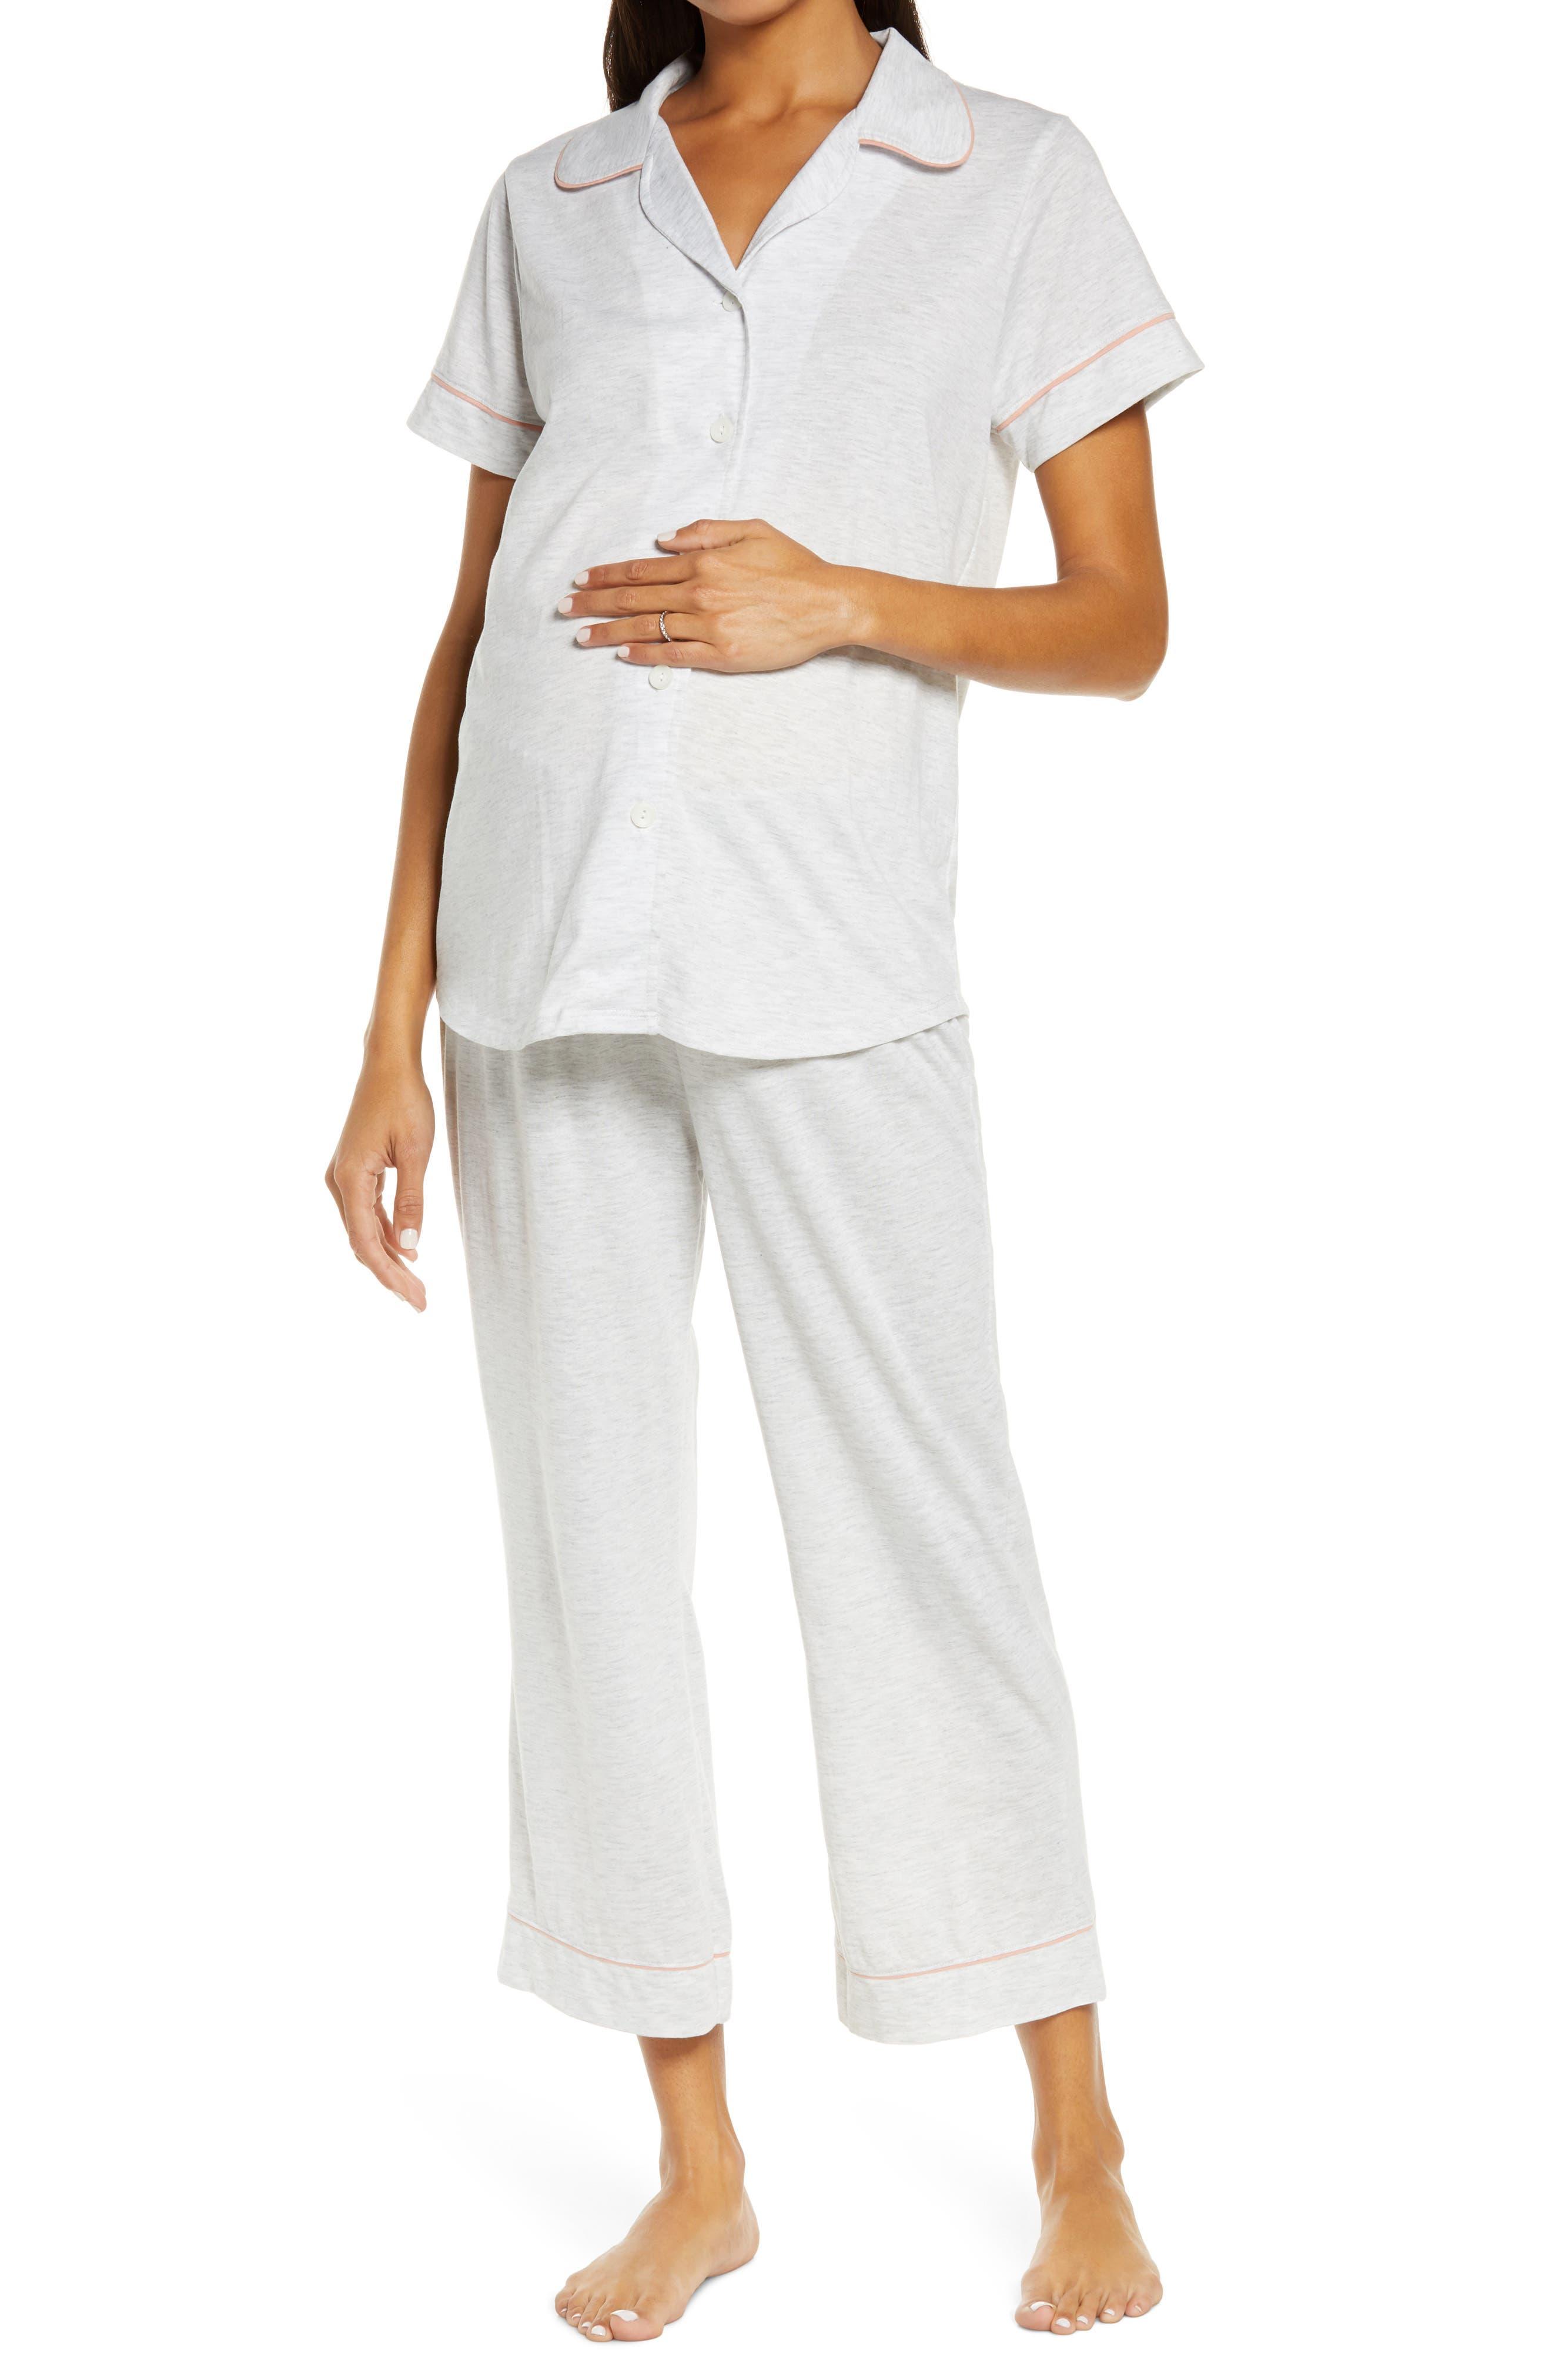 Lounge Chic Maternity/nursing Capri Pajamas